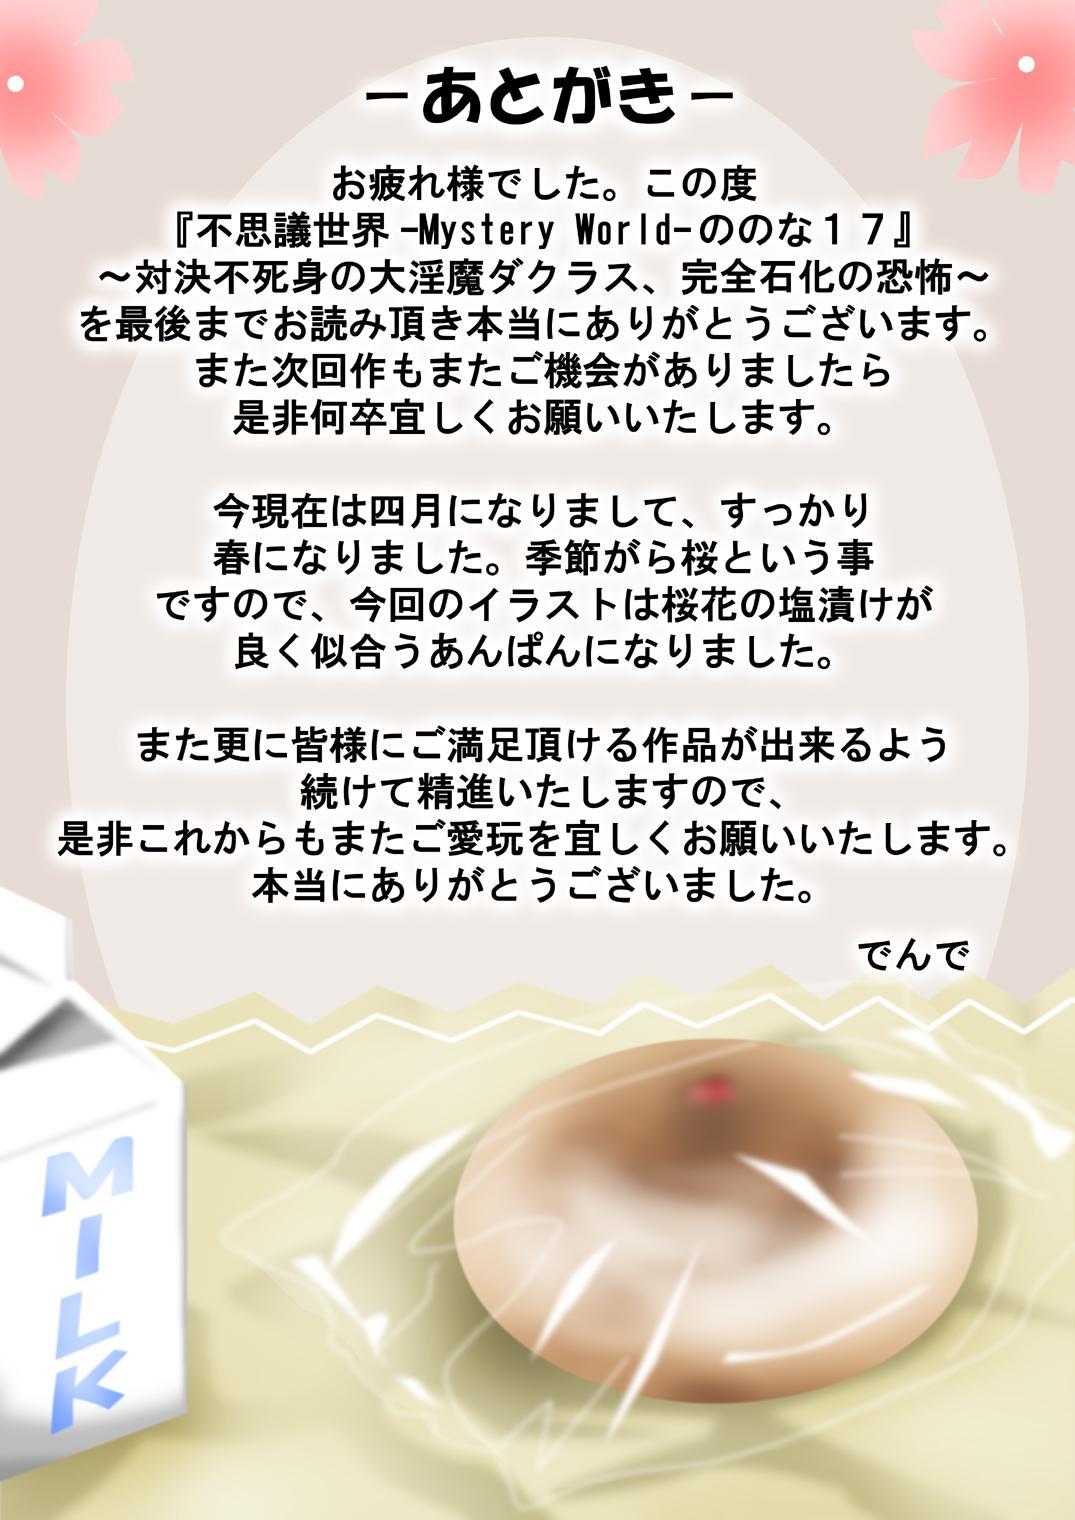 [Dende] Fushigi Sekai -Mystery World- no Nona 17 ~ Taiketsu Fujimi no Dai Inma Dakurasu, Kanzen Sekka no Kyoufu 201